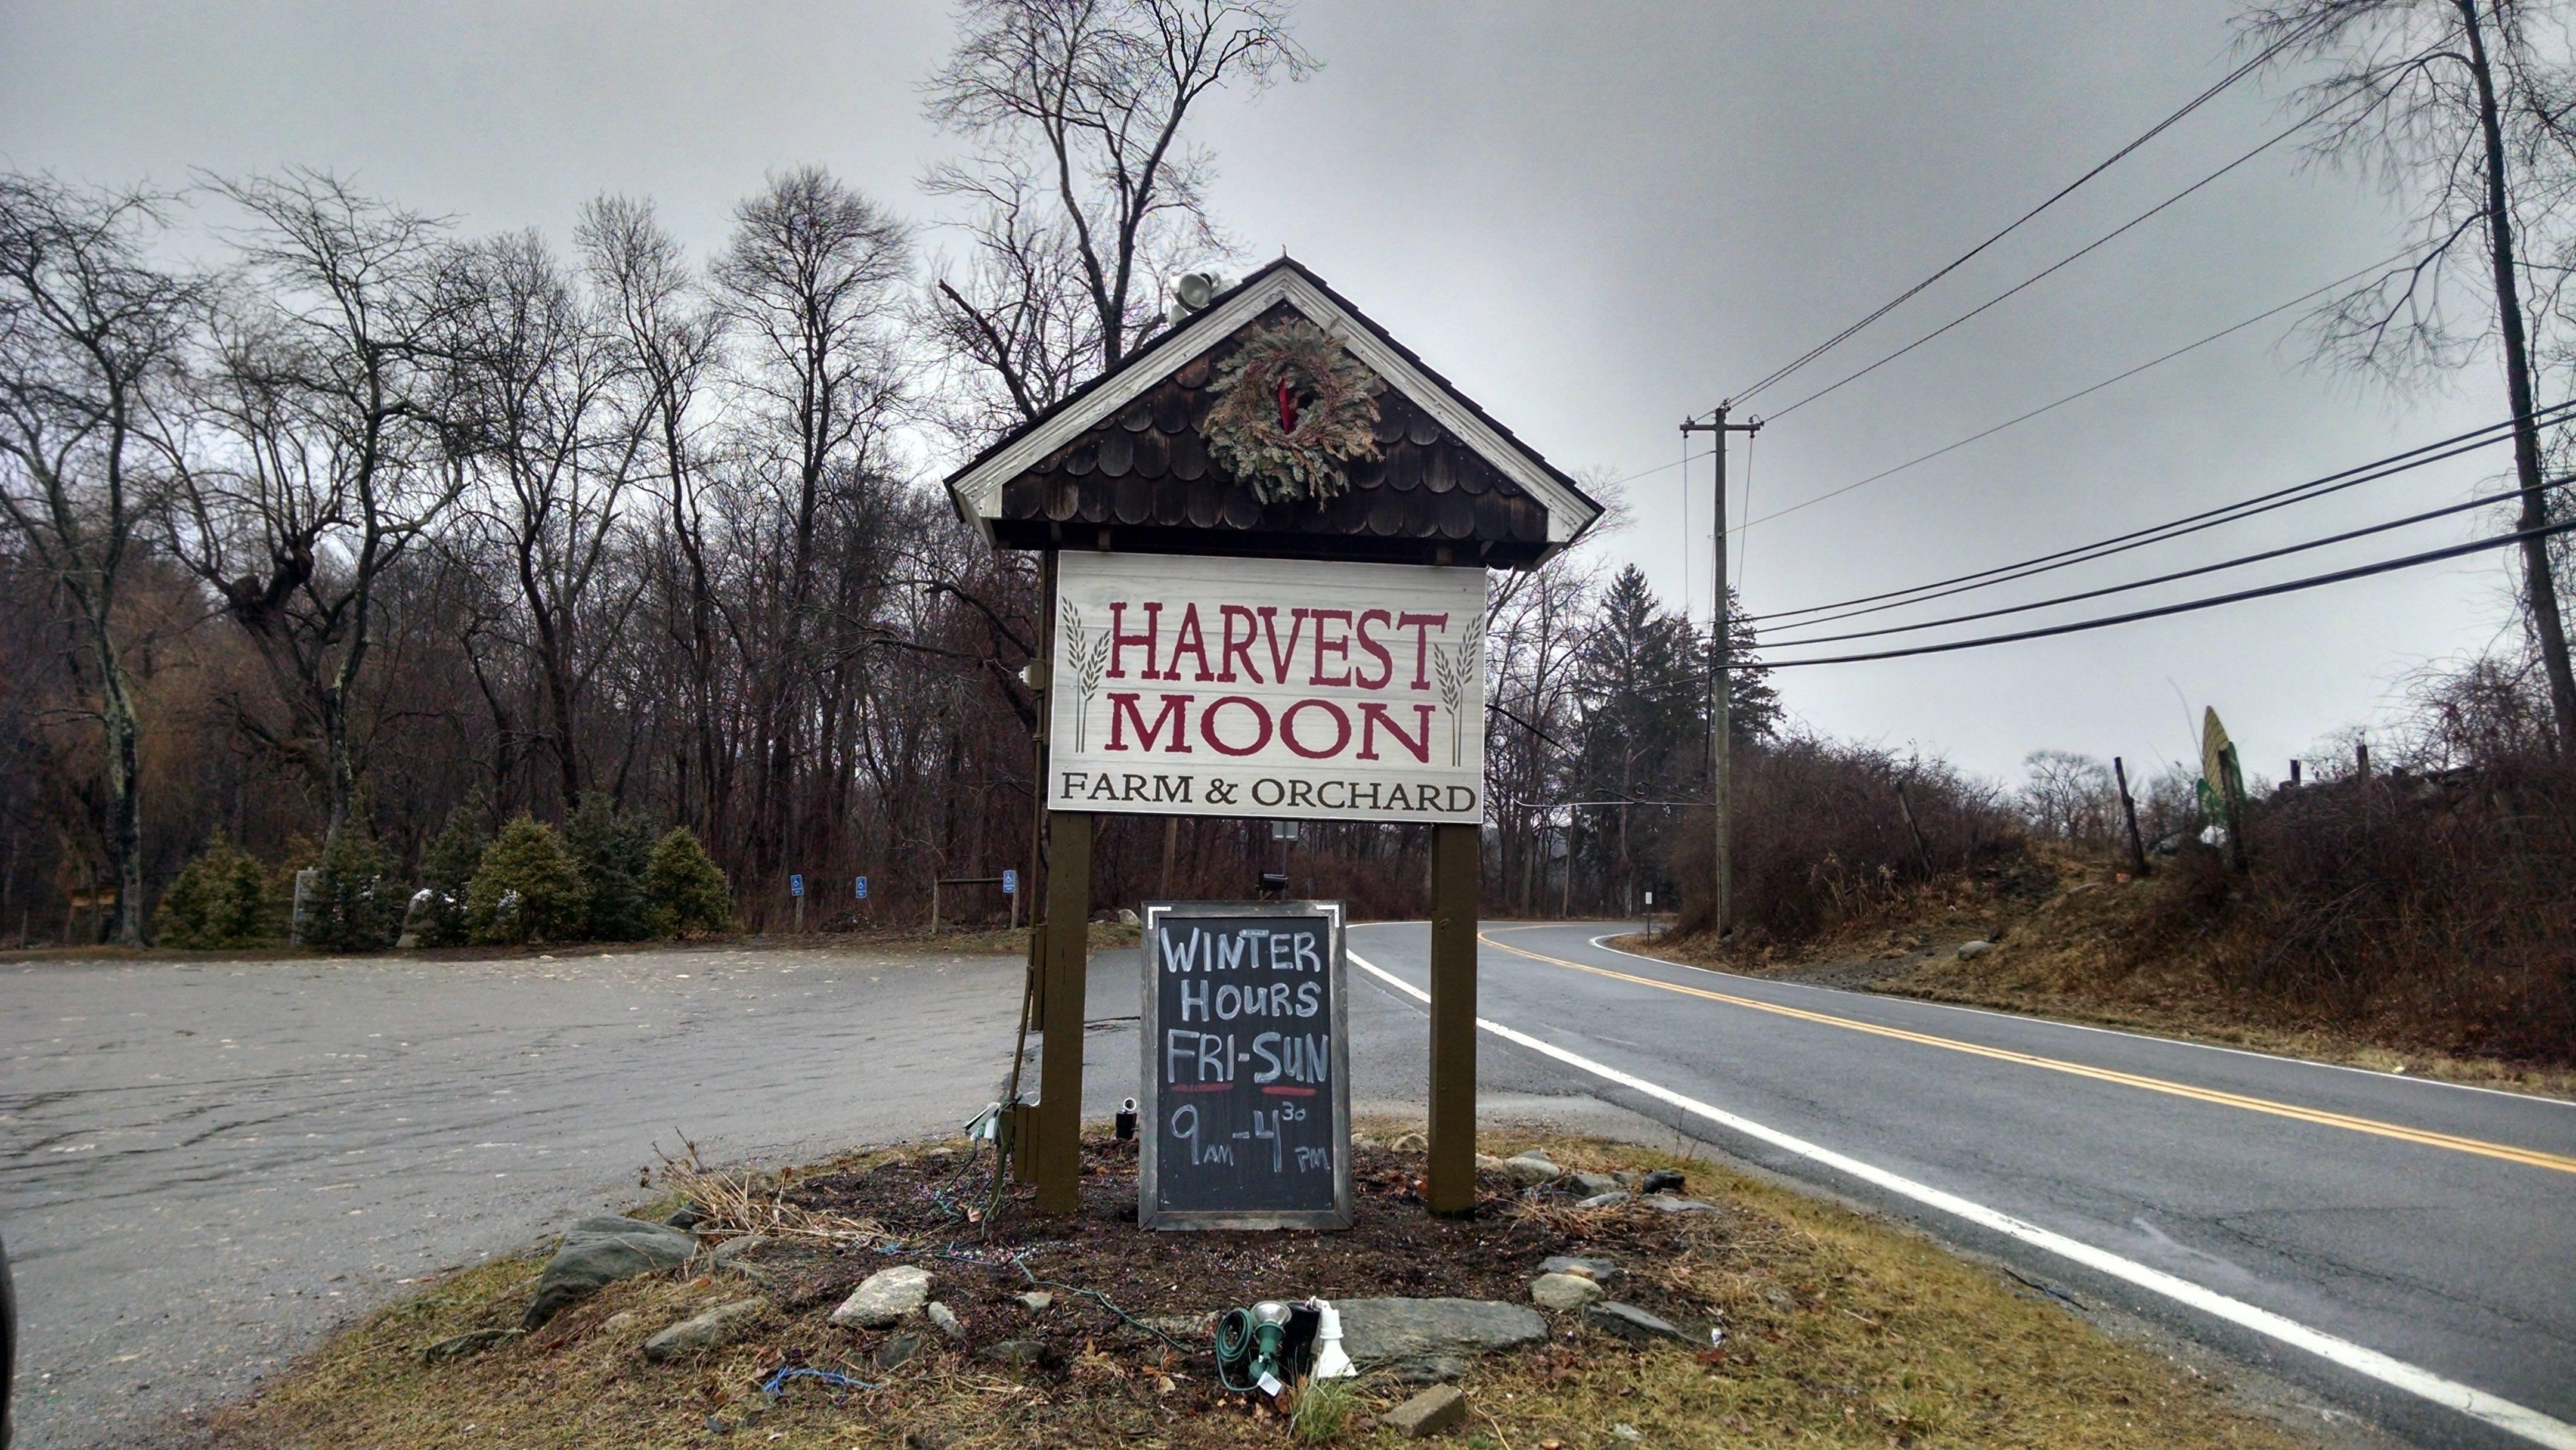 85b877e884a098a1983c_harvest_moon_sign.jpg